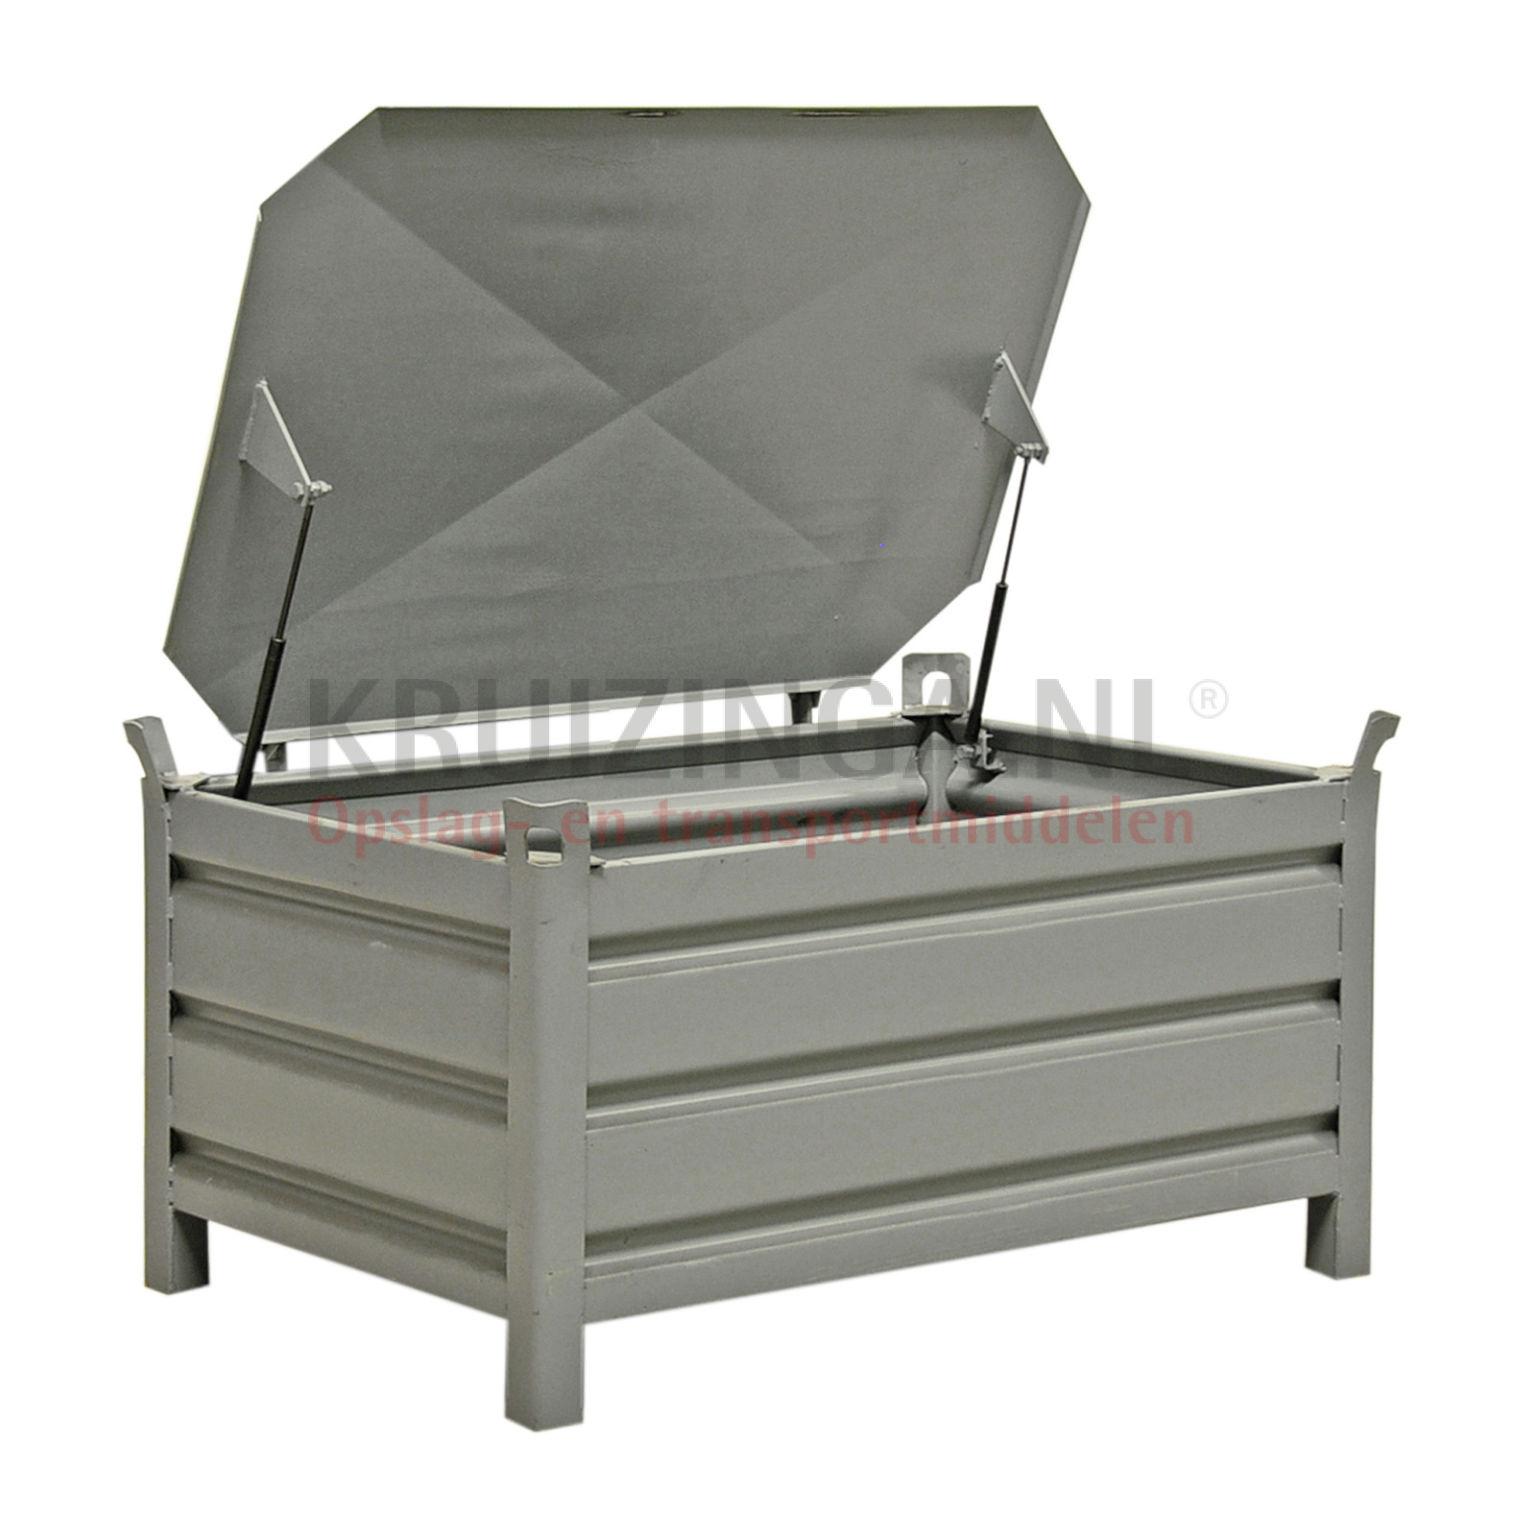 stapelboxen stahl feste konstruktion deckel mit. Black Bedroom Furniture Sets. Home Design Ideas